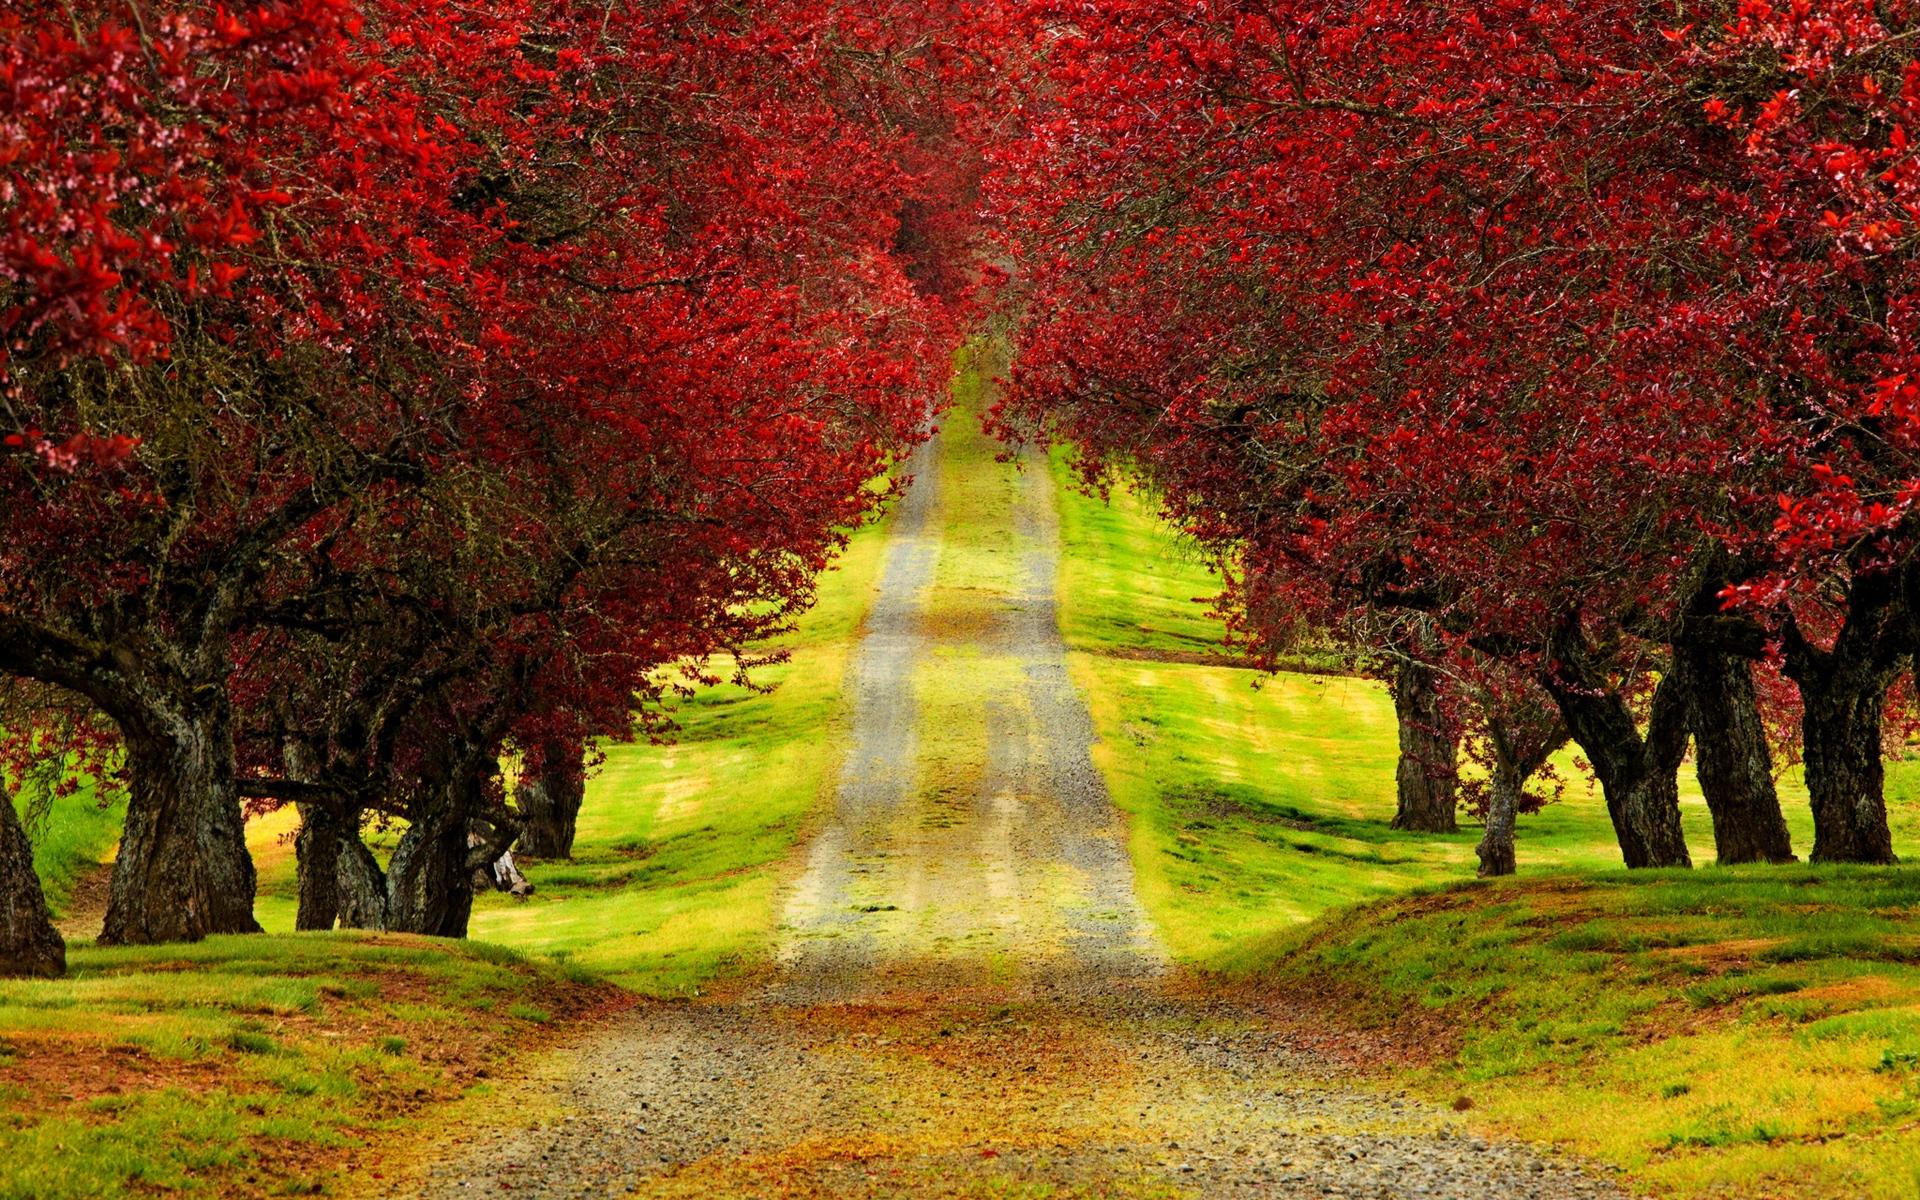 trees autumn road beautiful hd wallpaper 3d hd nature tree wallpaper 1920x1200